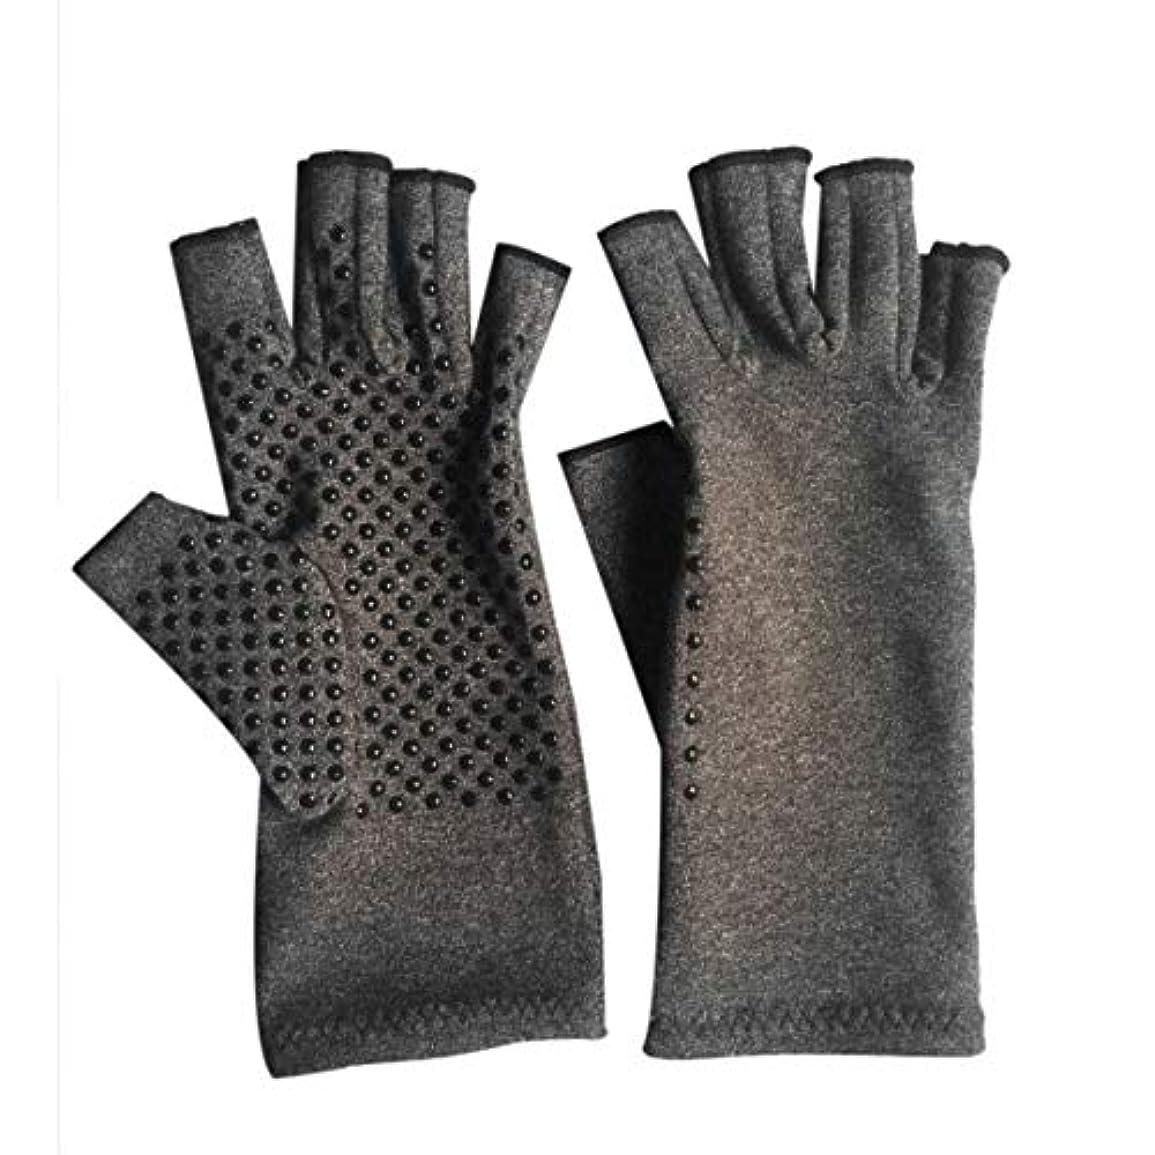 暴露する手段染料1ペアユニセックス男性女性療法圧縮手袋関節炎関節痛緩和ヘルスケア半指手袋トレーニング手袋 - グレーM